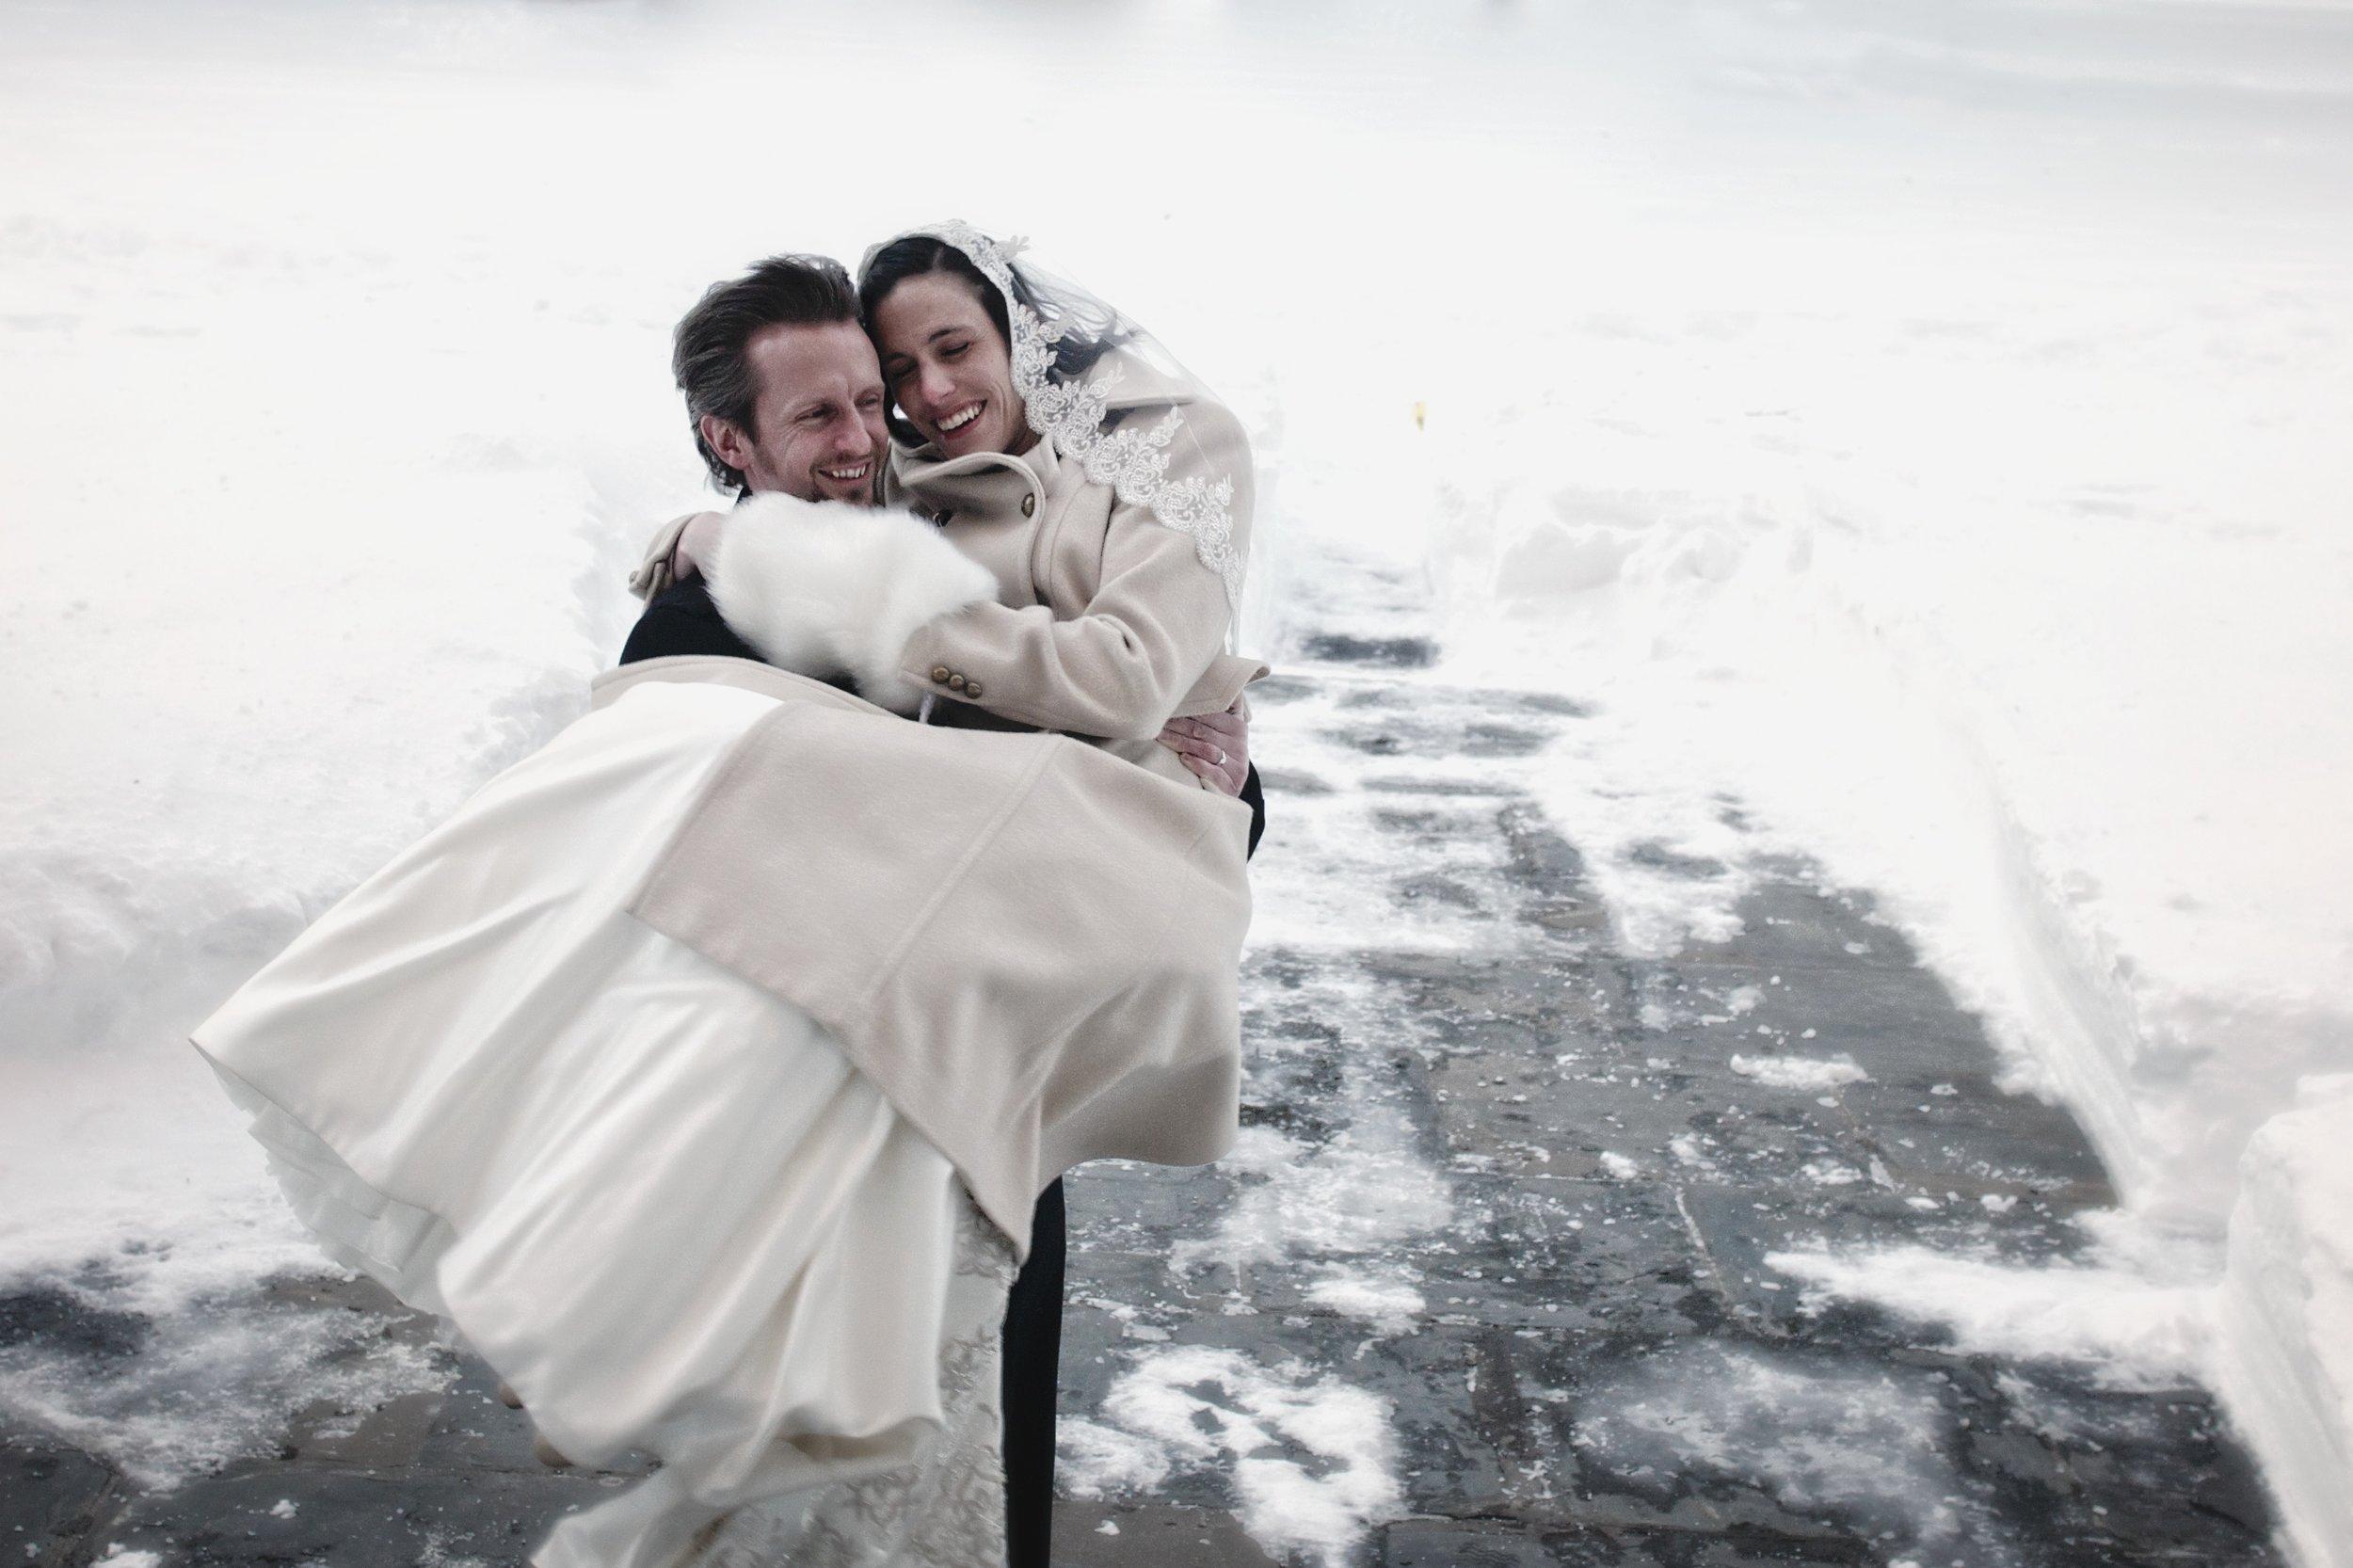 New Haven blizzard wedding